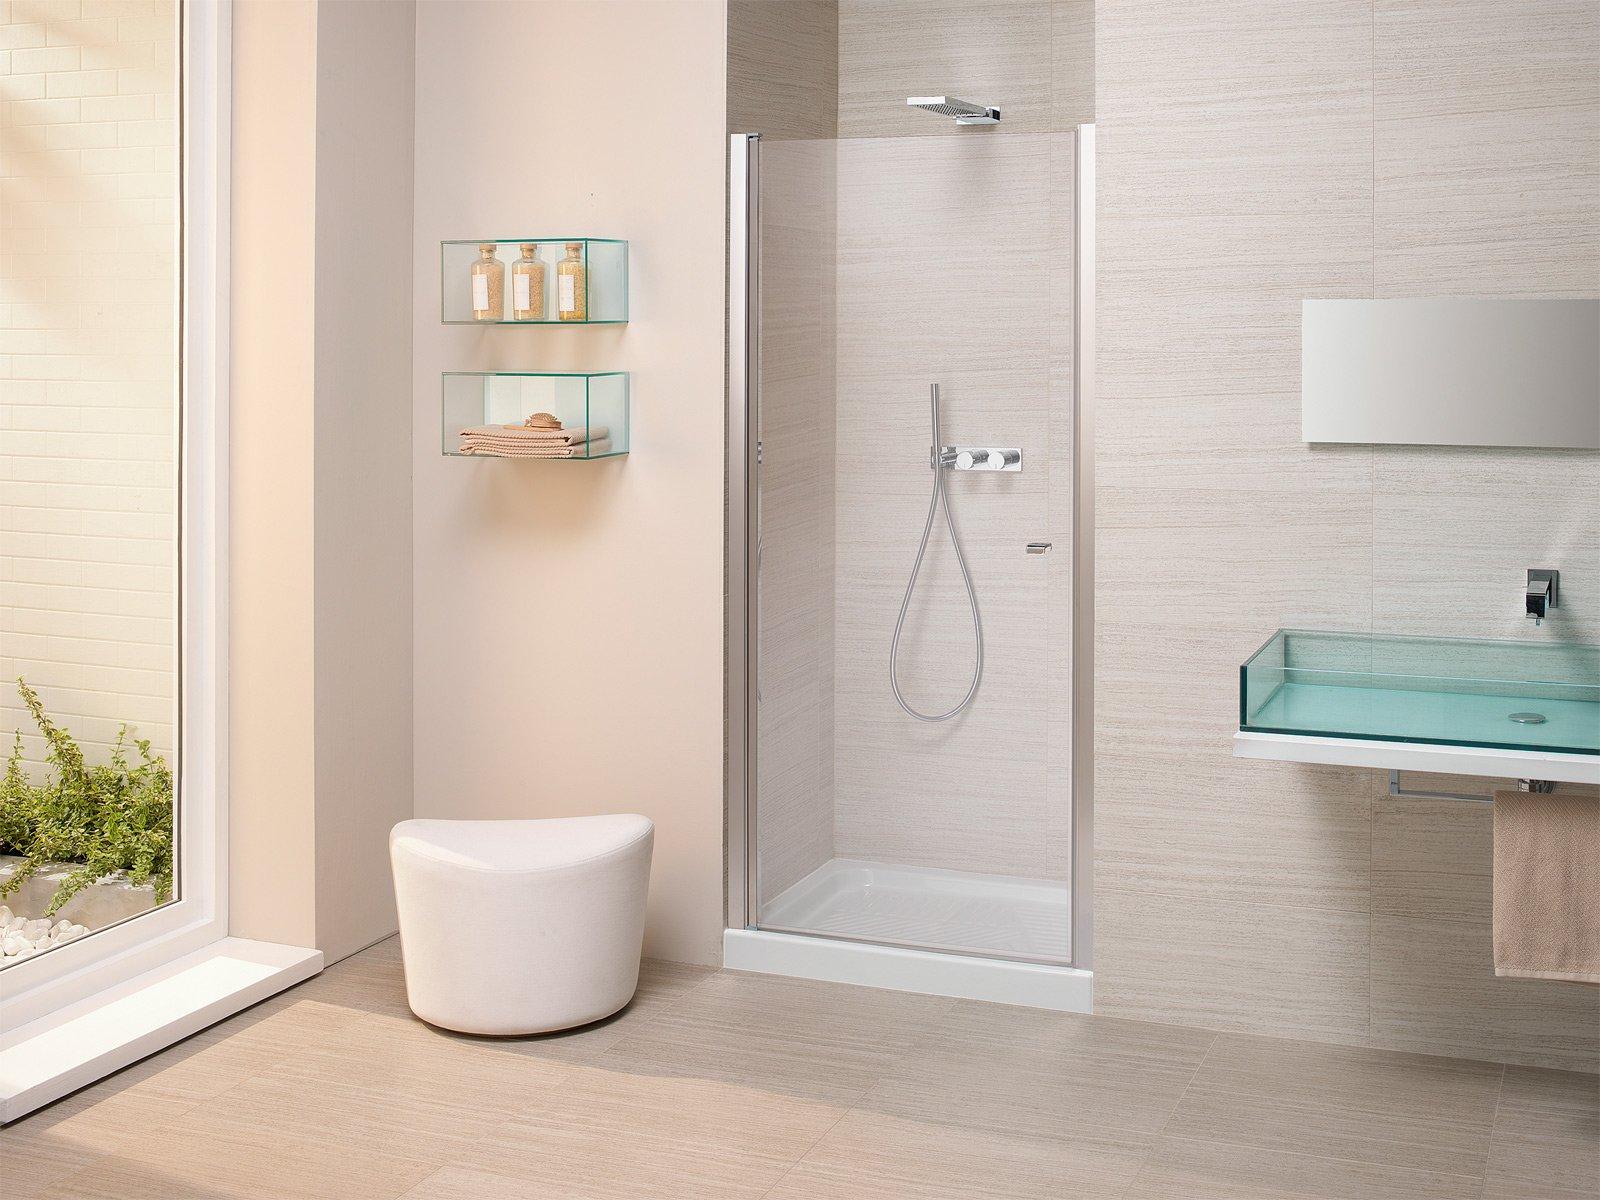 Casa moderna roma italy quanto costa un box doccia for Quanto costa arredare un bagno